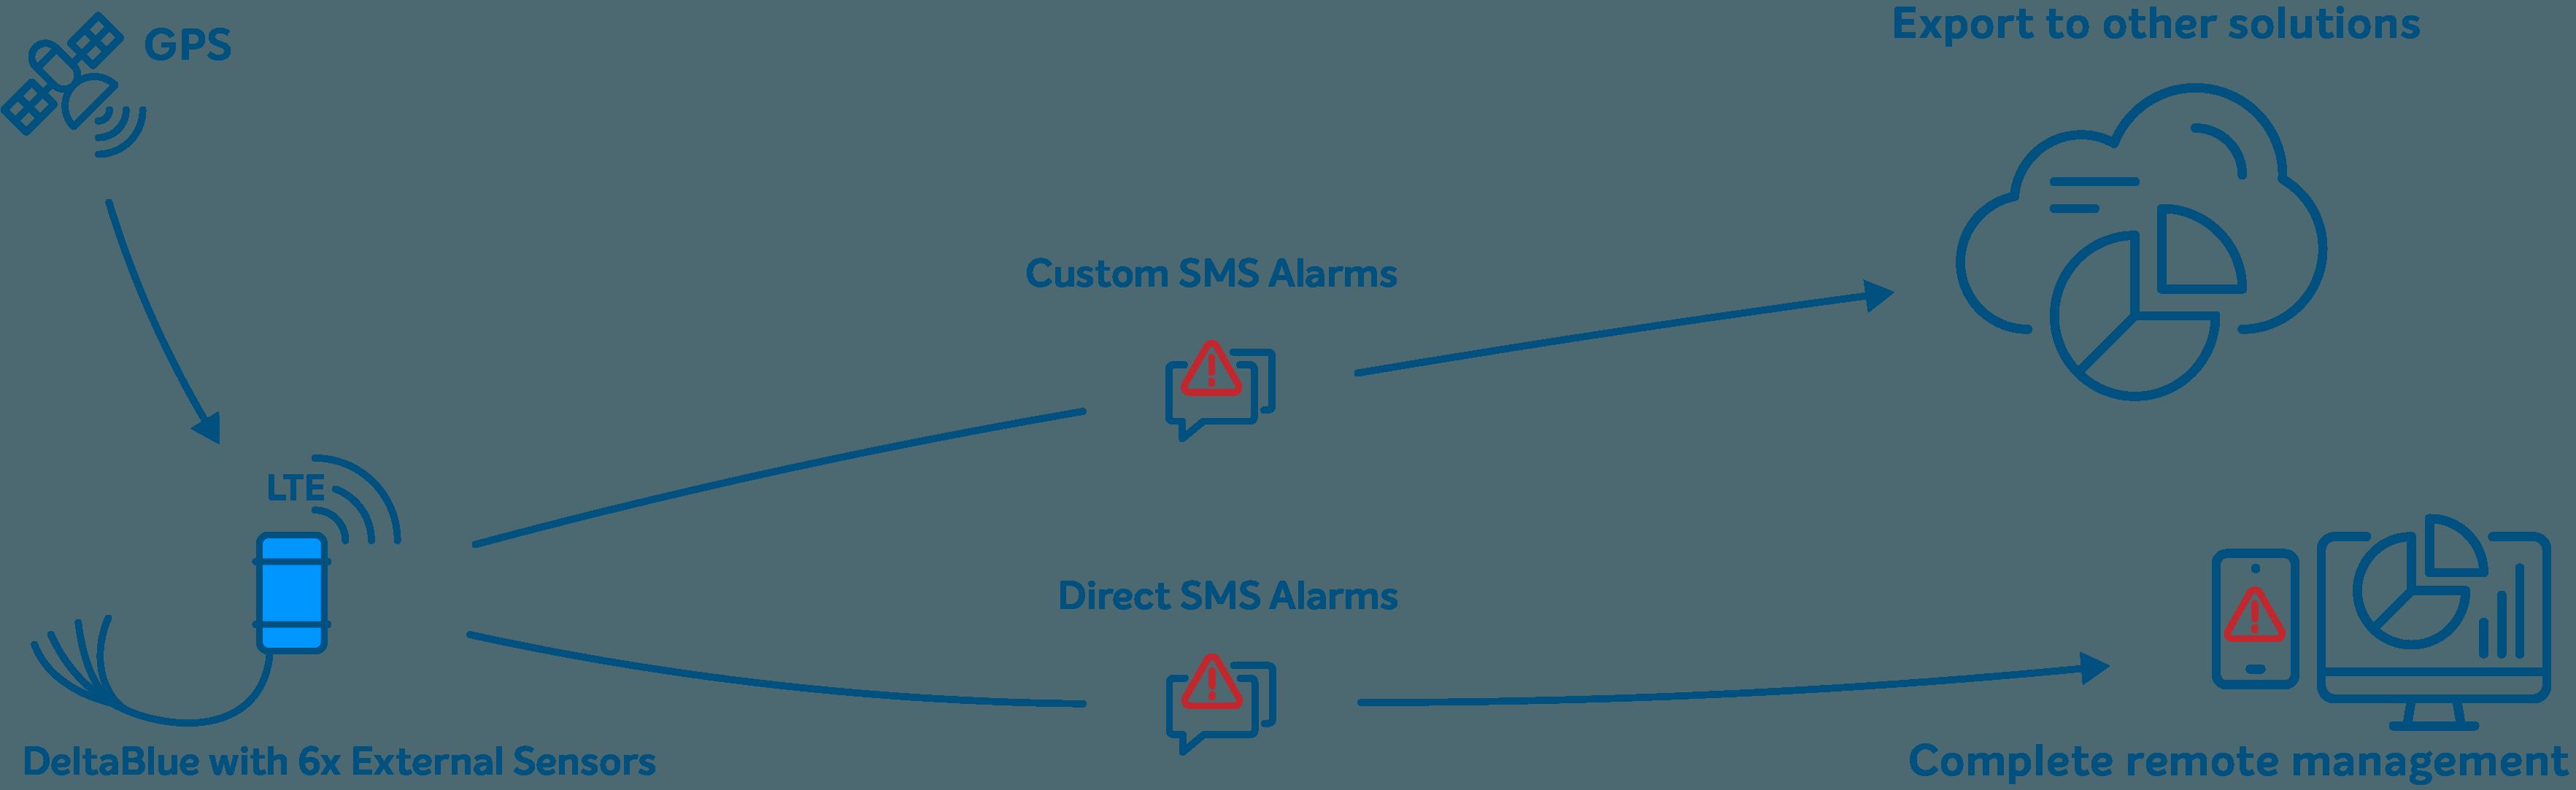 Grafisk förklaring av DeltaBlue SMS-larmuppringning